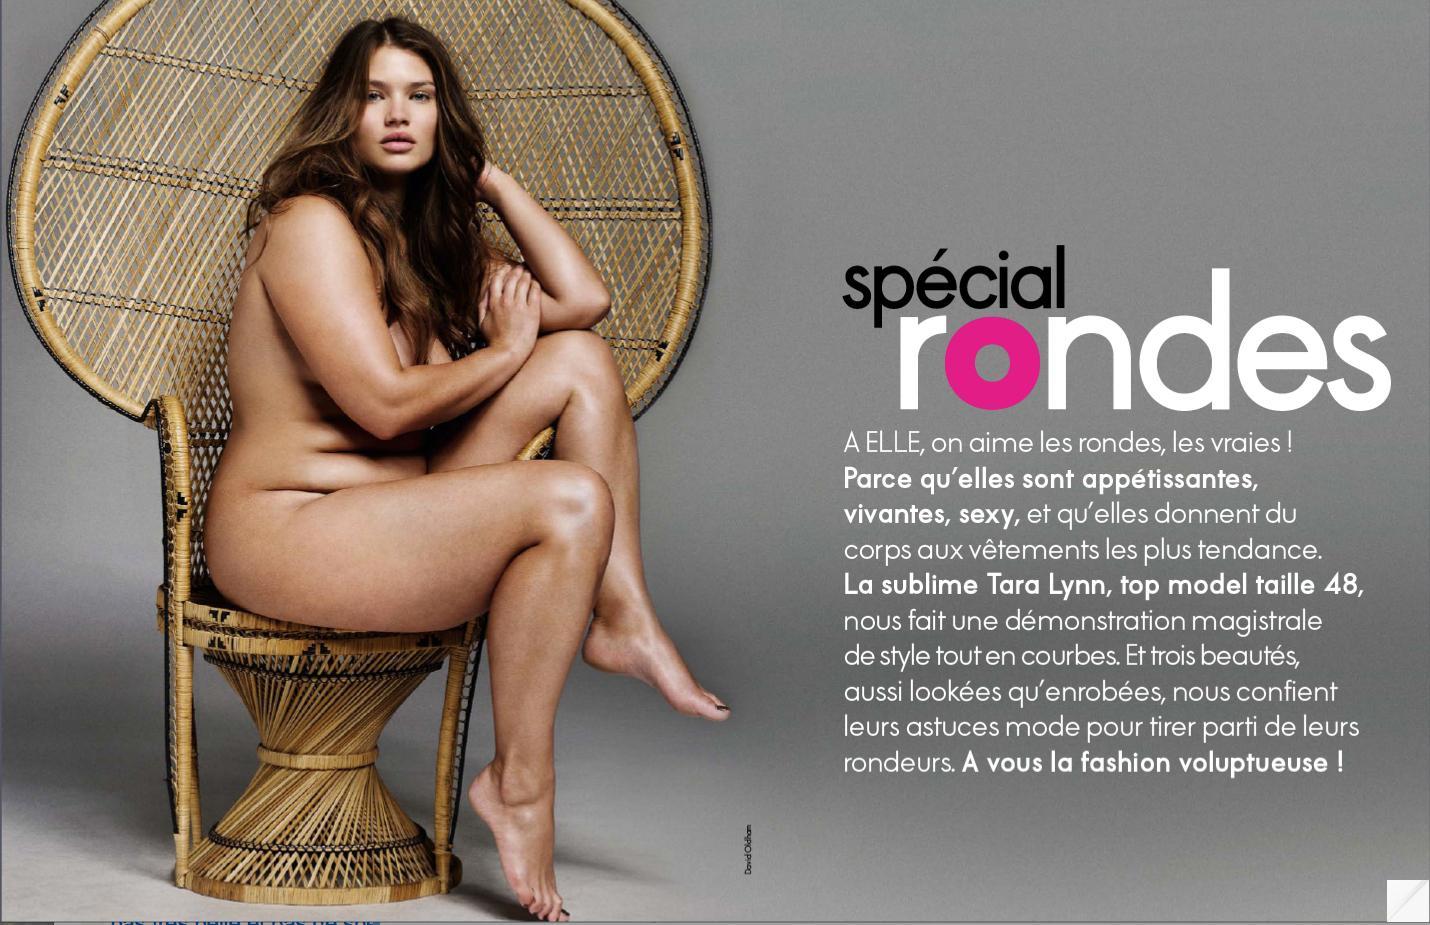 Elle France , April 2010.